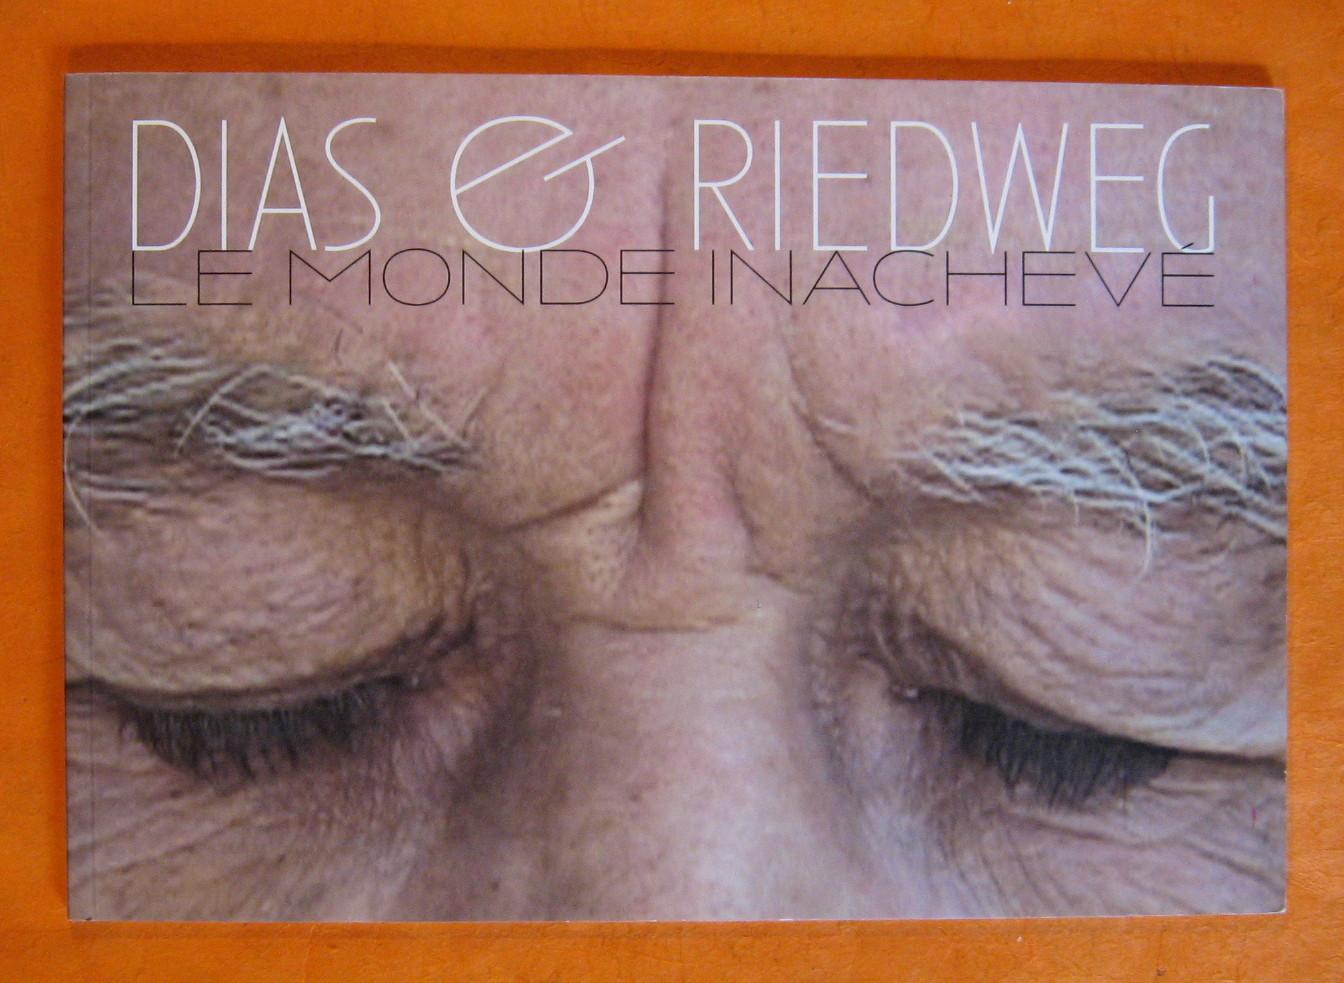 Dias & Riedweg:  Le Monde Inacheve